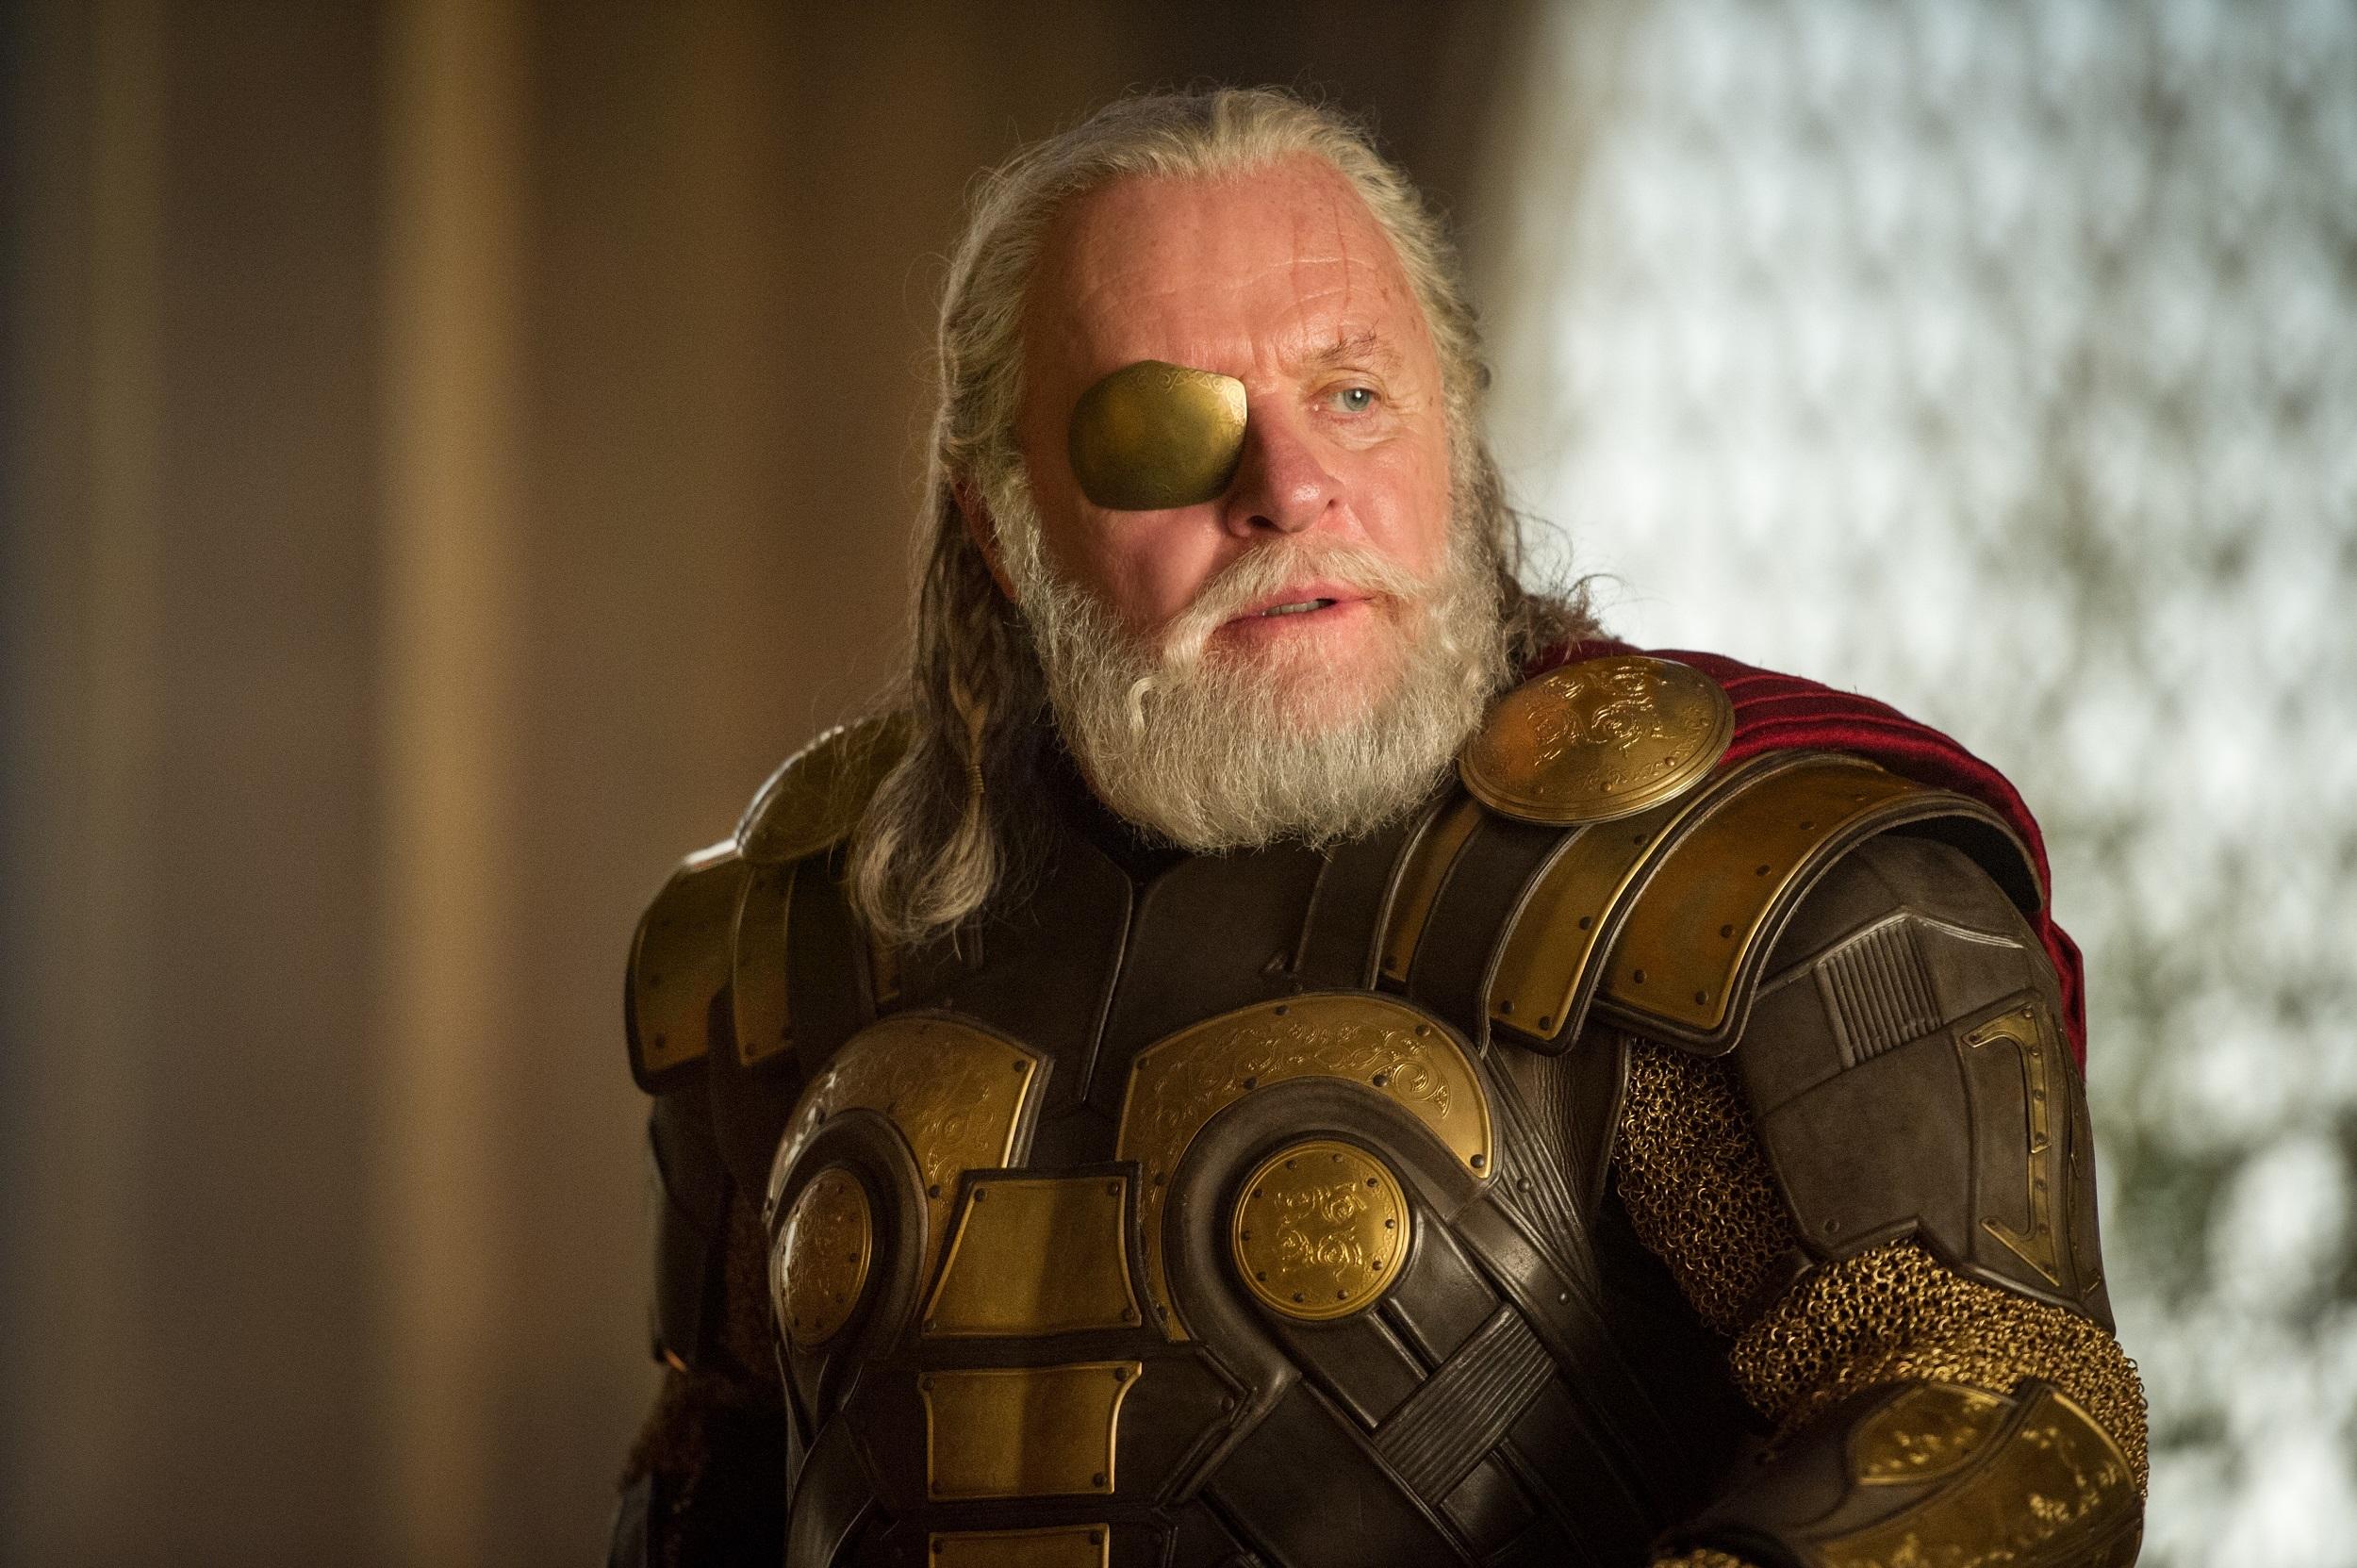 odin, odin movie, odin anthony hopkins, Odin in Marvels Thor: The Dark World